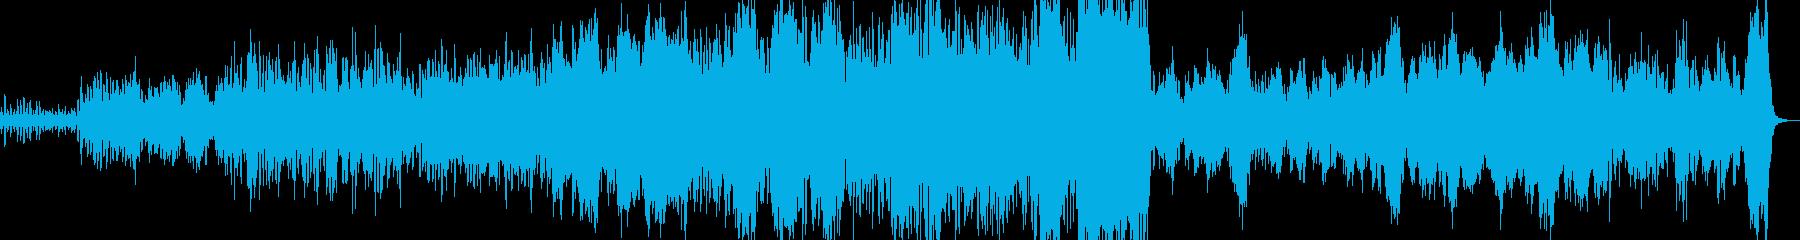 ワルツ 弦楽器と管楽器のみ 力強いの再生済みの波形